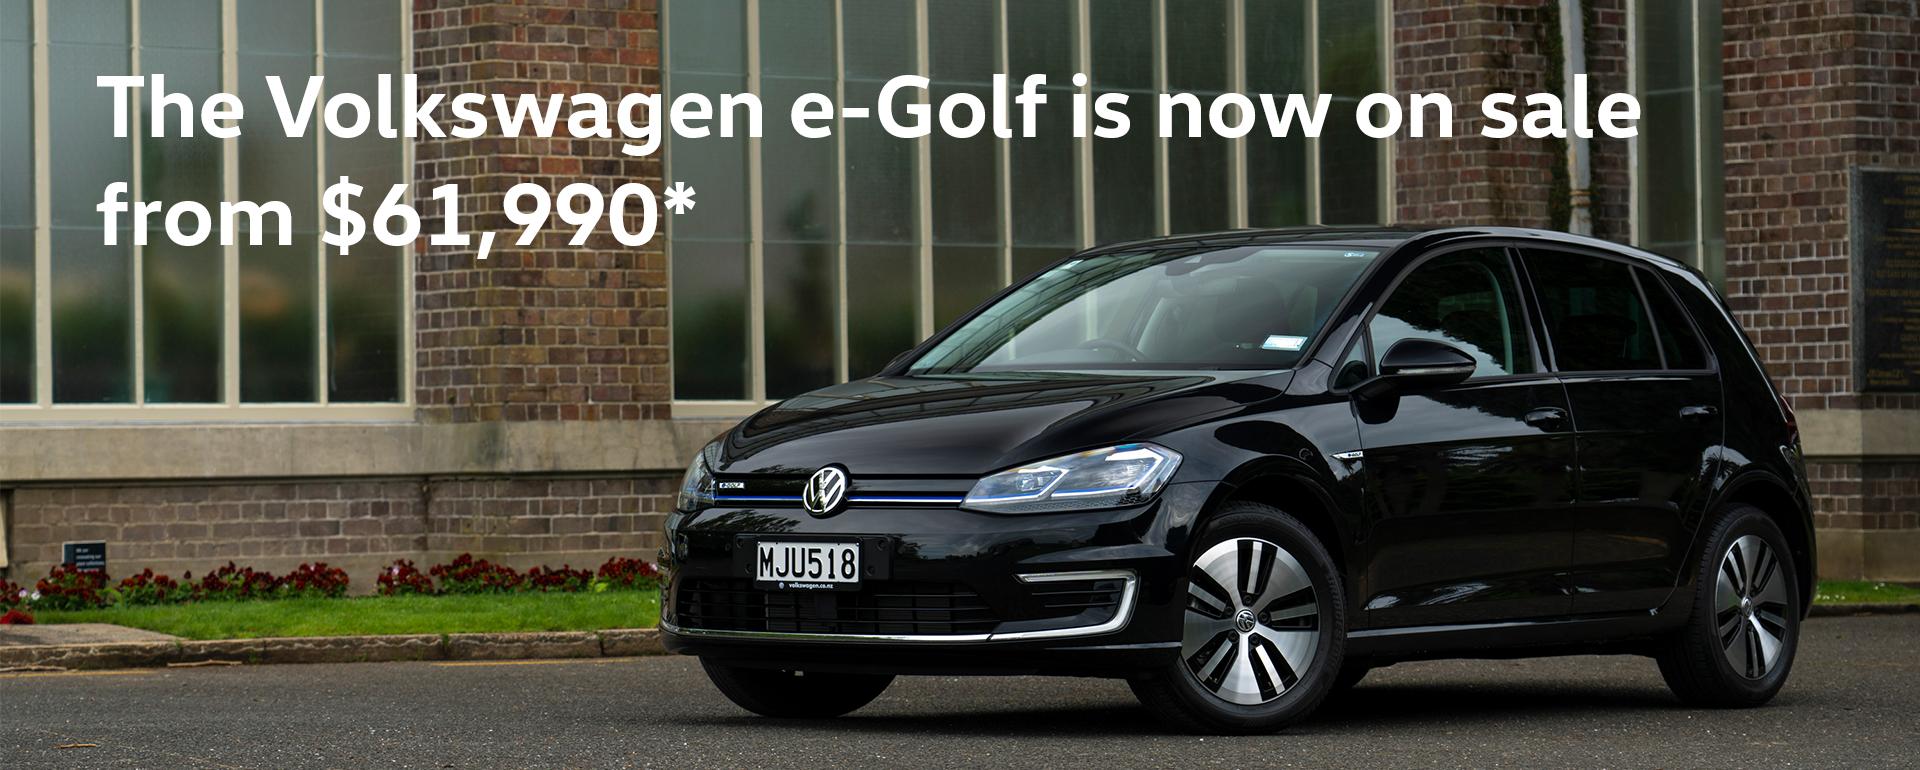 e-golf sale